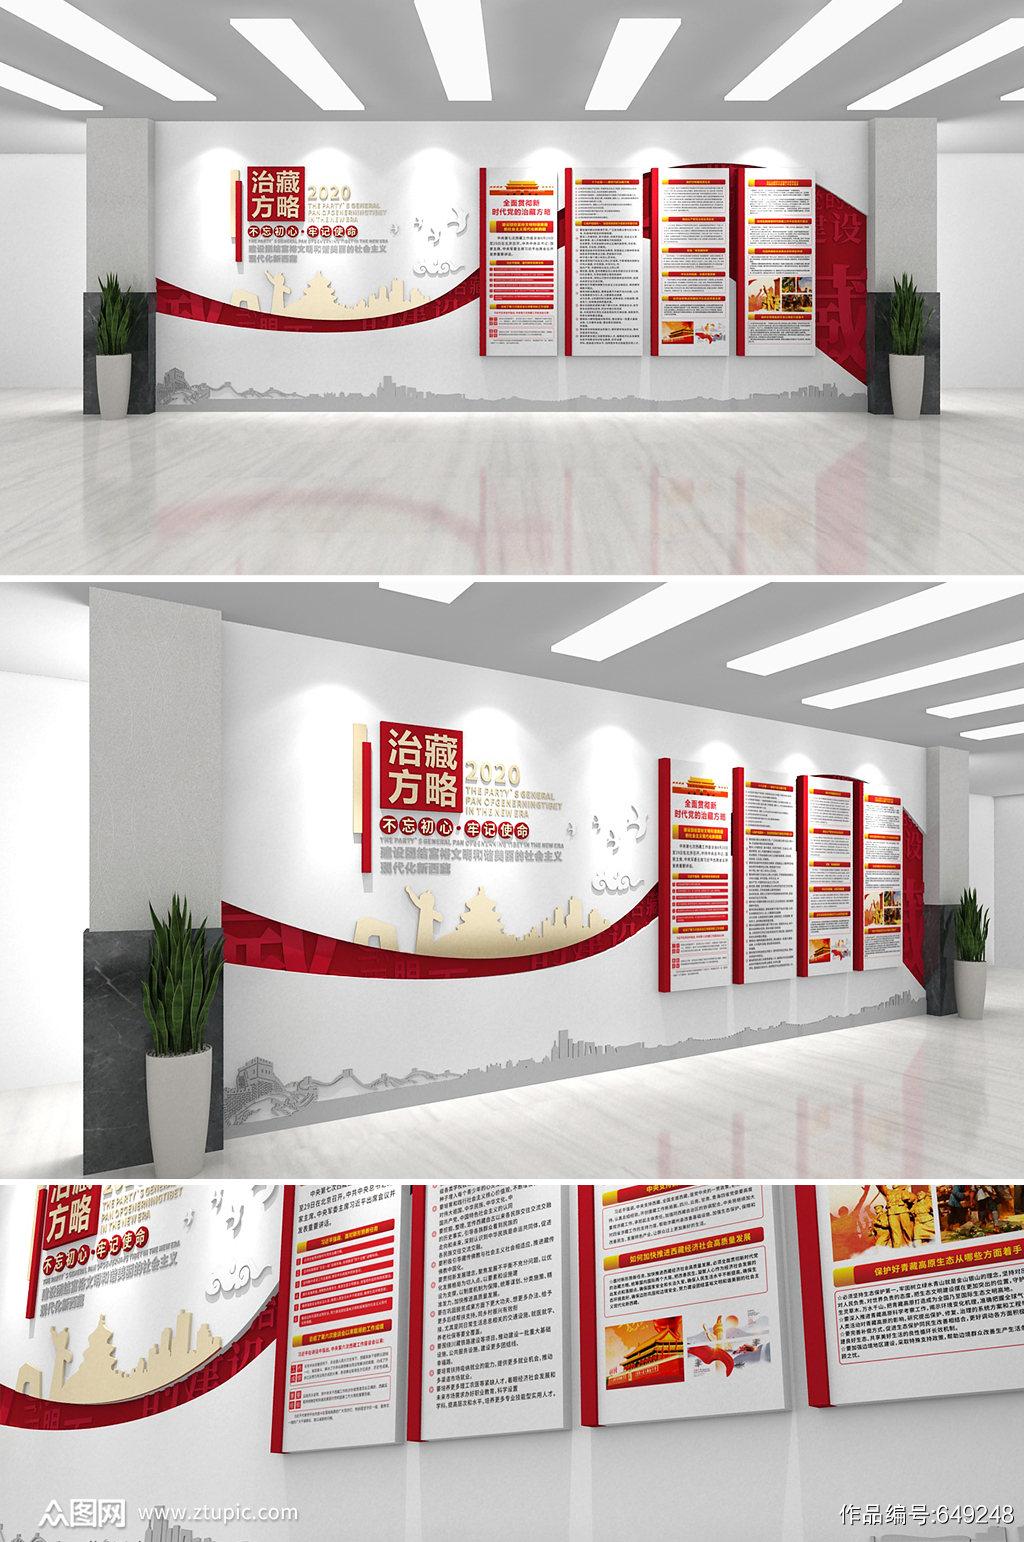 红色简约治藏方针西藏党建文化墙素材